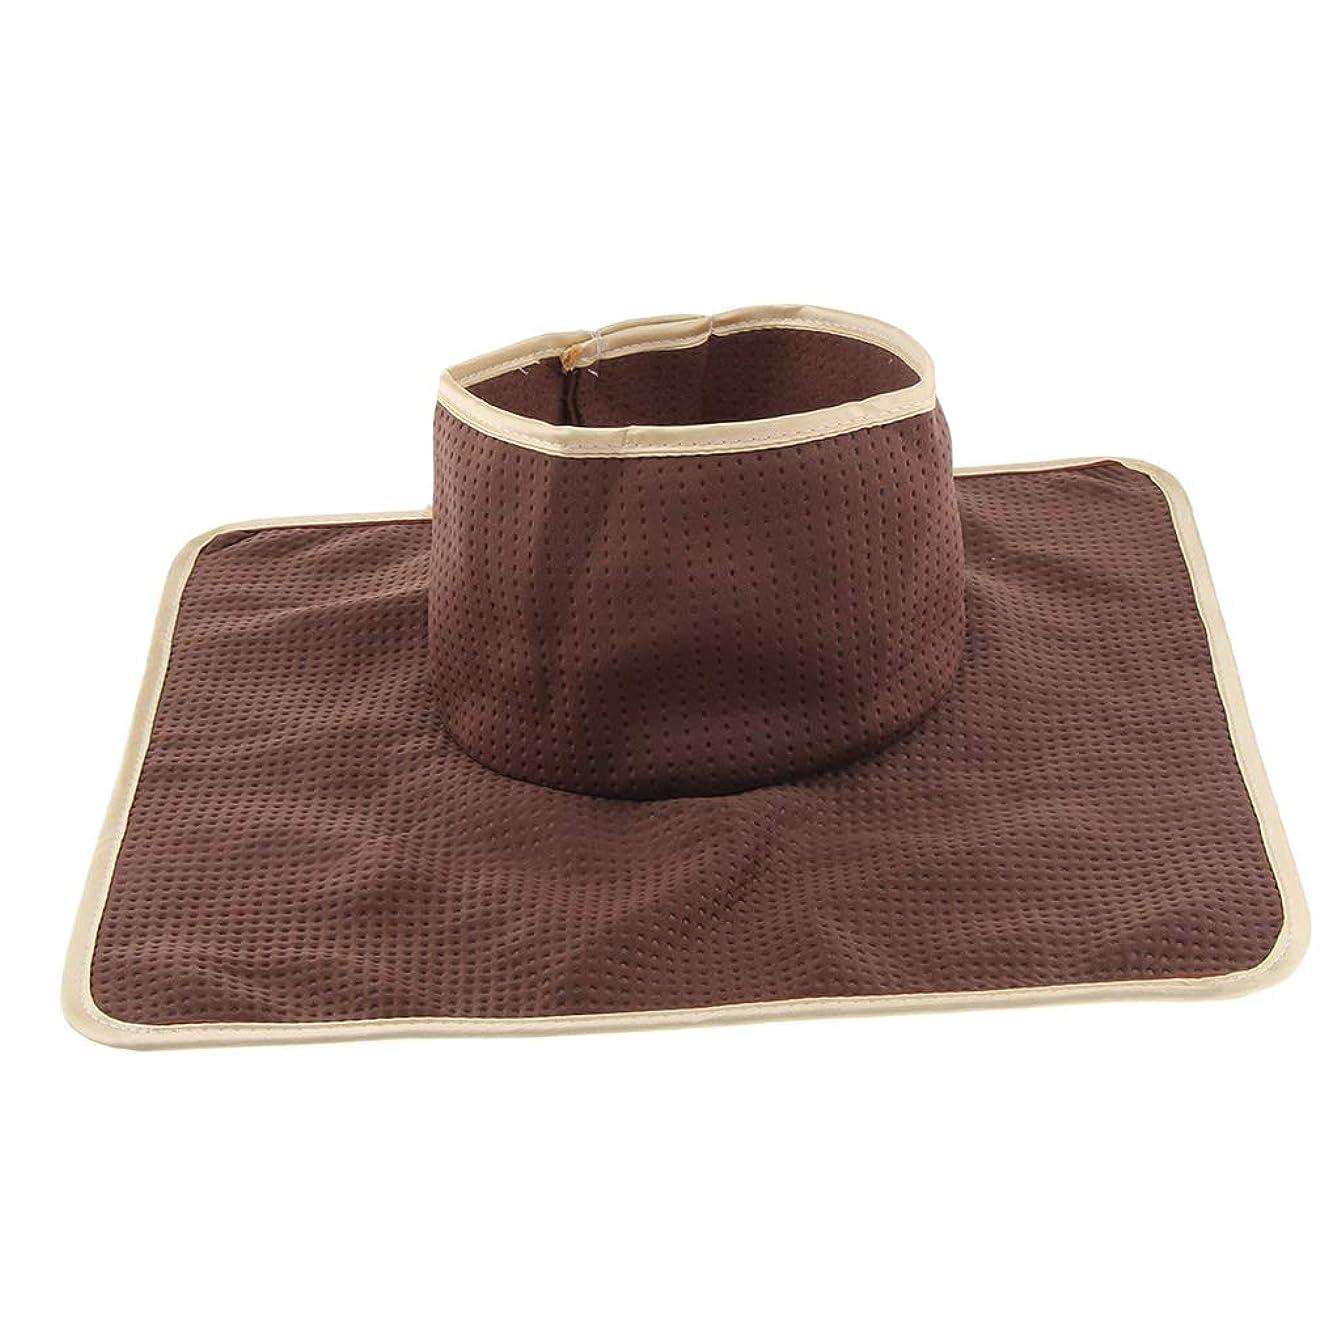 ばかげた武器椅子FLAMEER マッサージベッド サロンテーブル シート パッド 頭の穴 洗濯可能 約35×35cm 全3色 - コーヒー